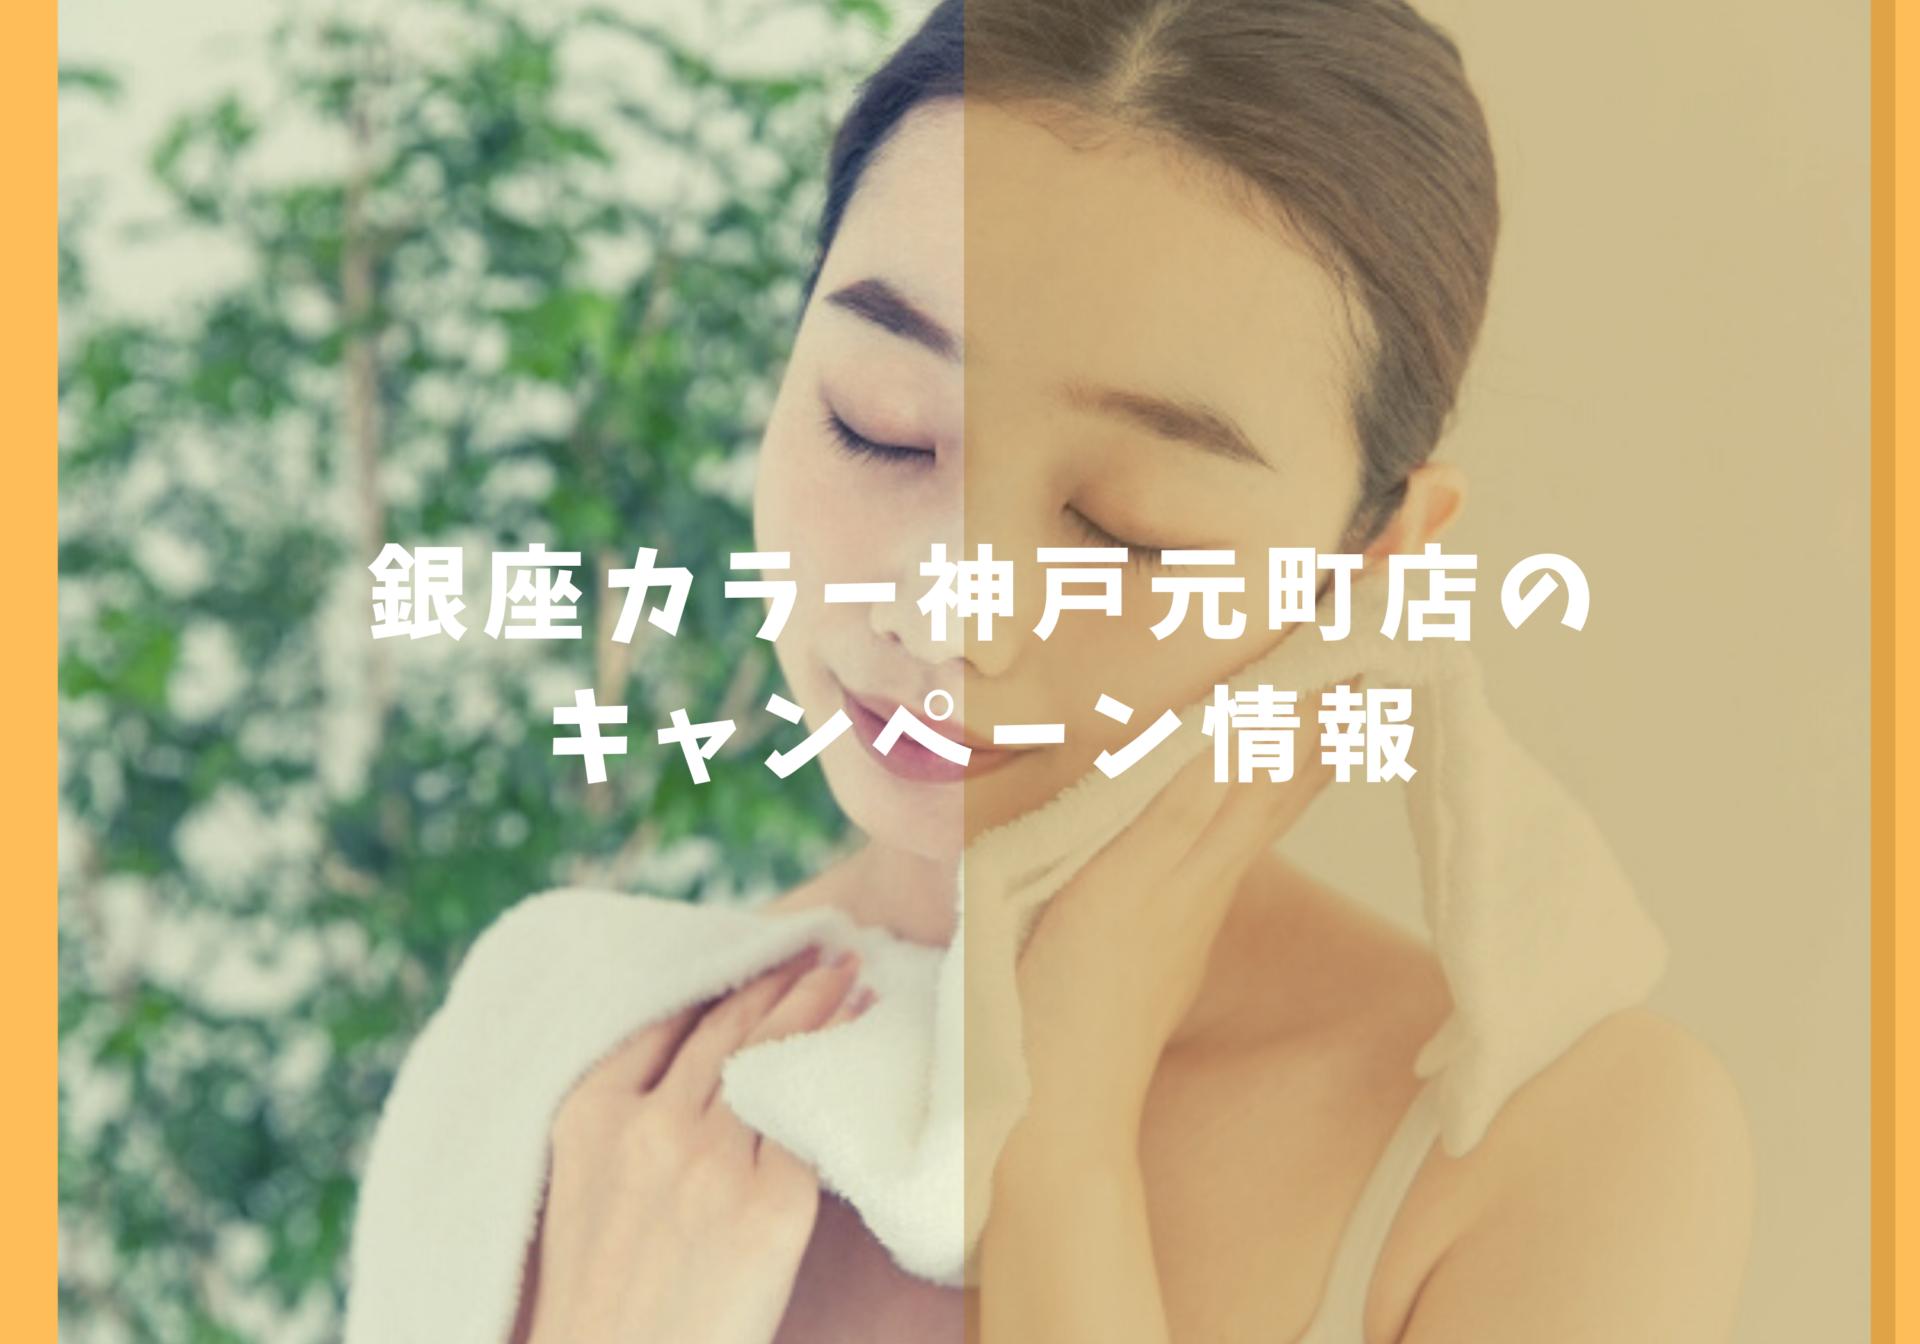 銀座カラー神戸元町店キャンペーン情報